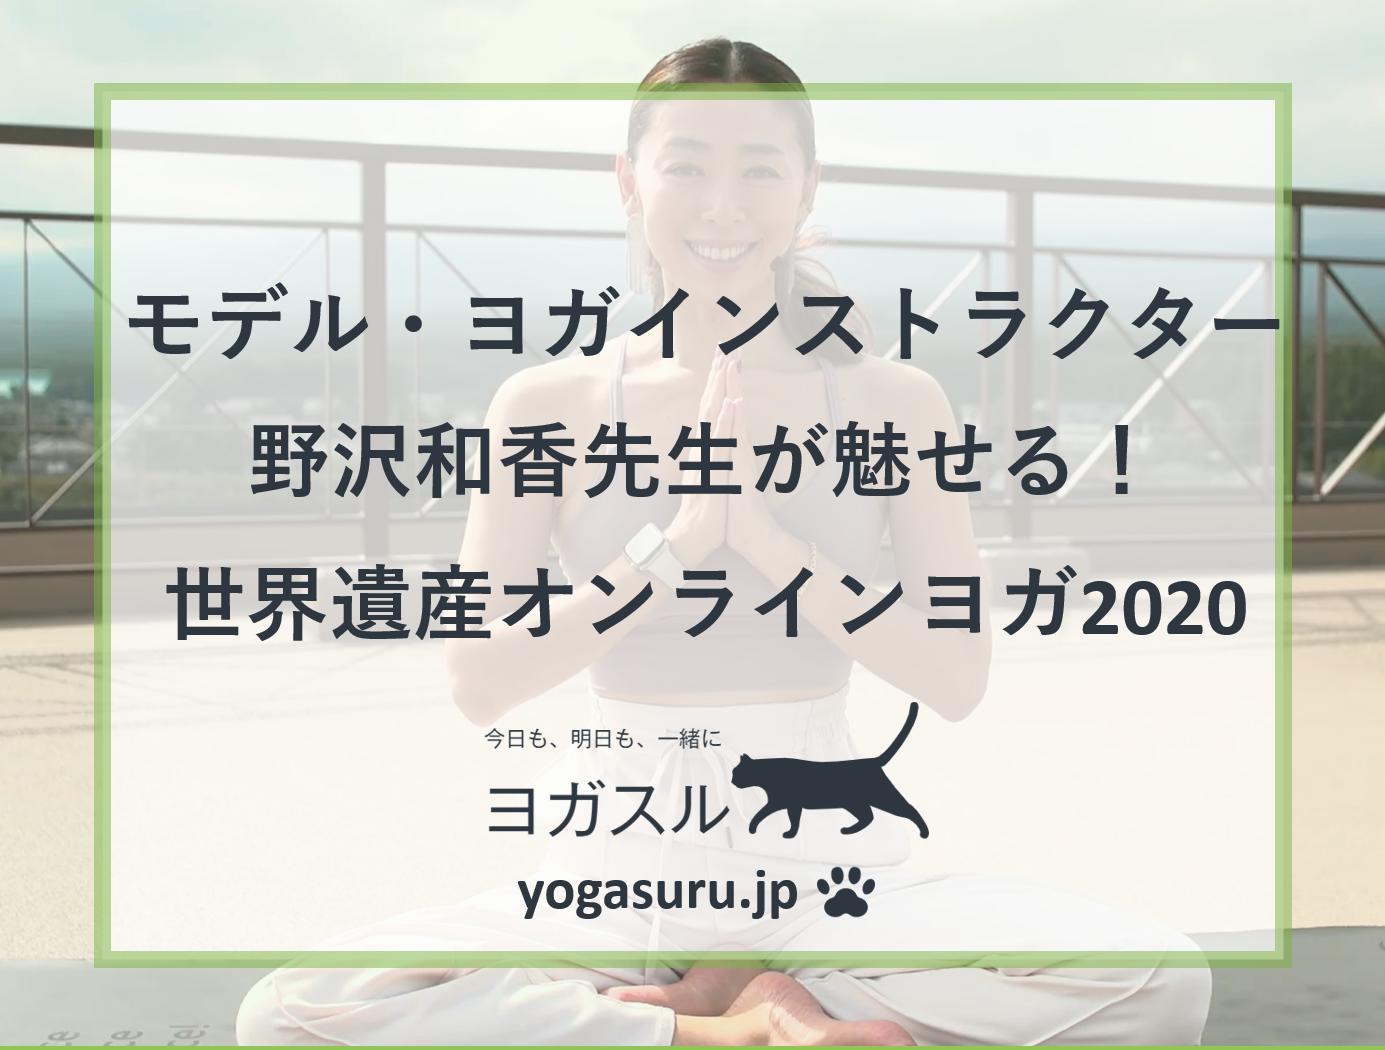 モデルの野沢和香先生が美しく魅せる!世界遺産オンラインヨガ2020